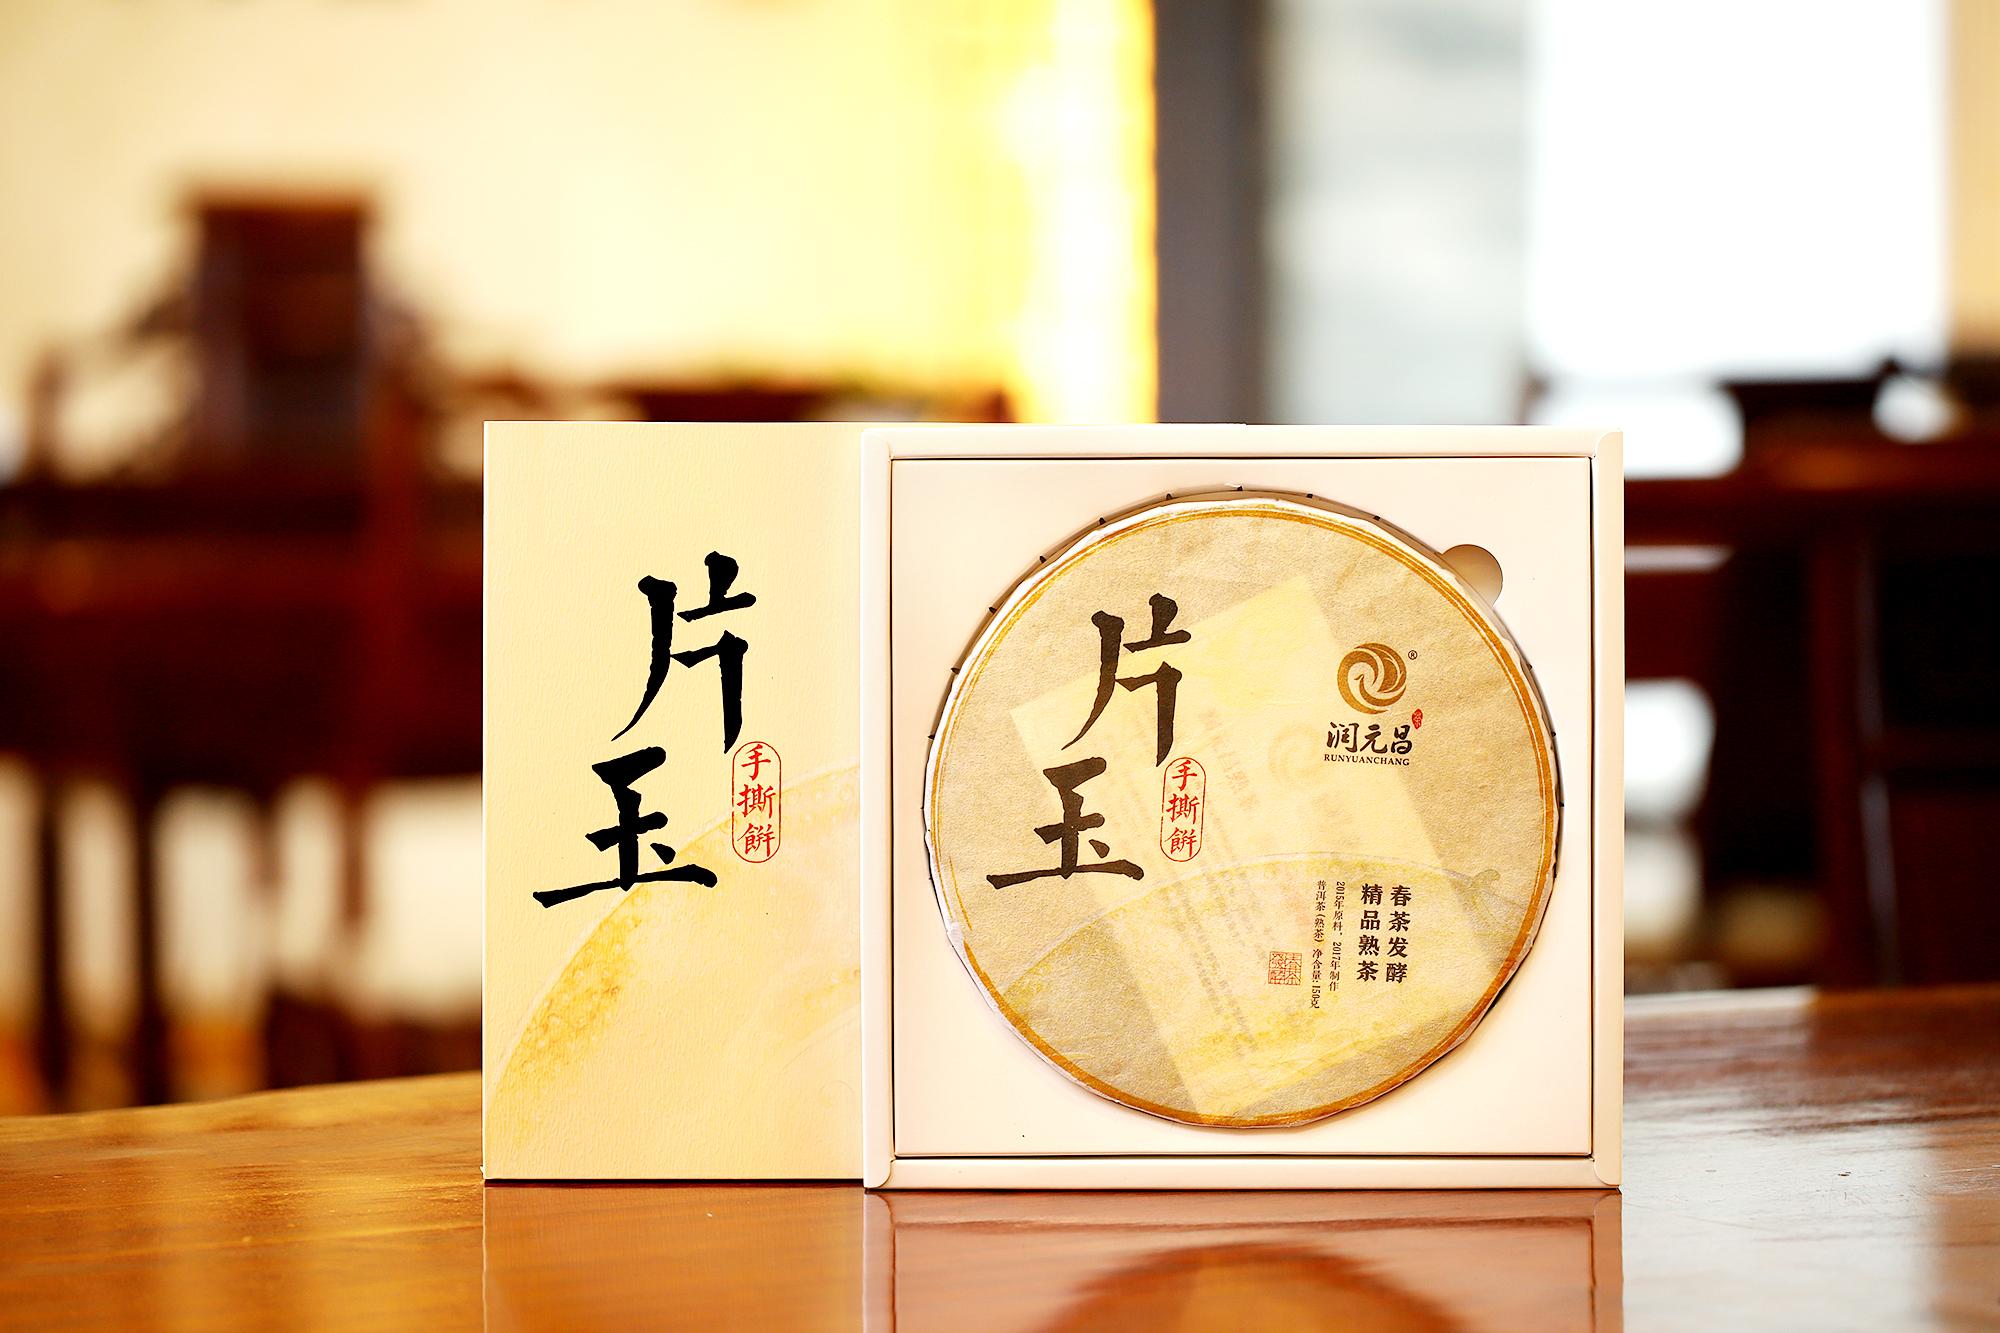 润元昌2017年片玉手撕饼熟饼